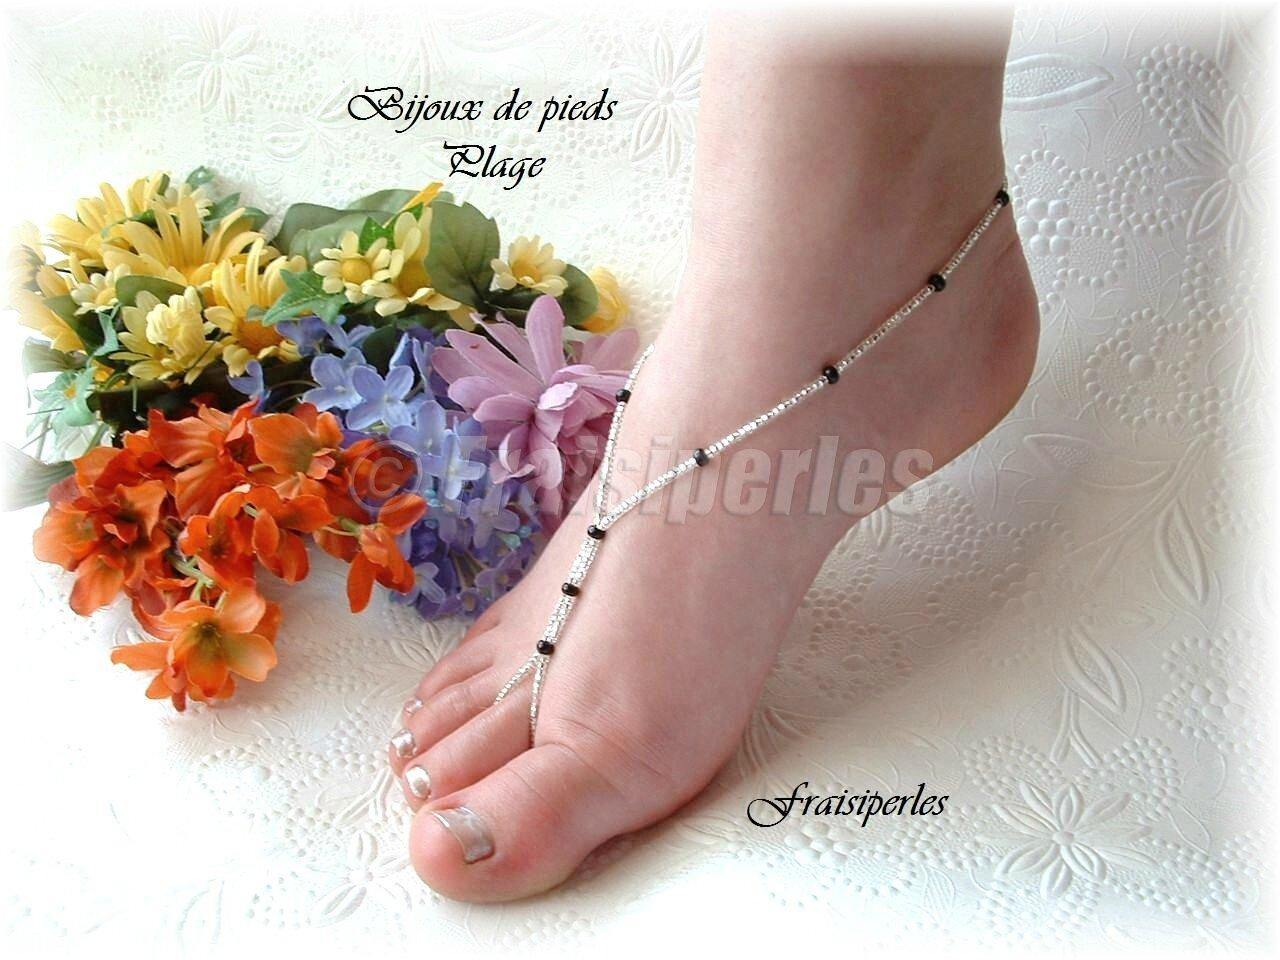 Bijoux de pieds Plage copy